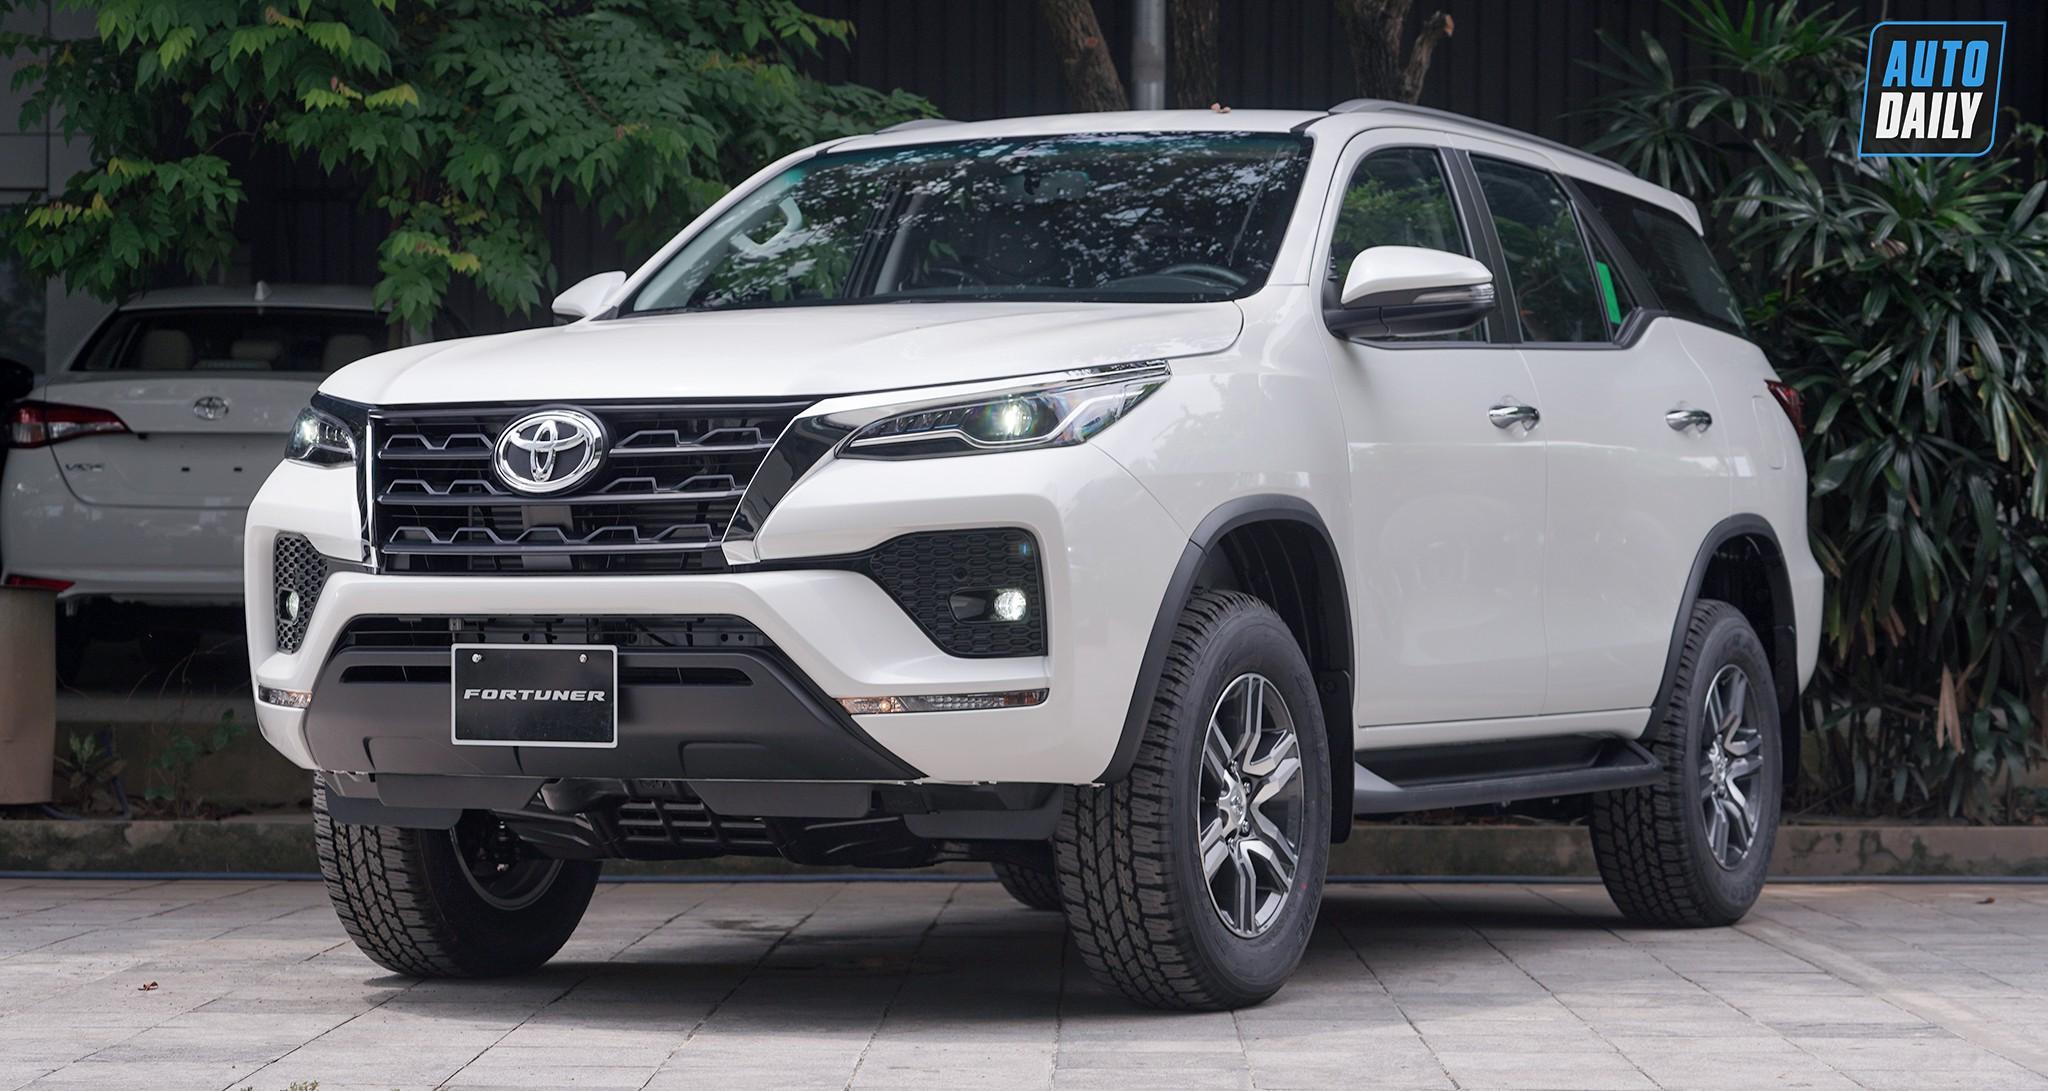 5 thương hiệu ôtô bán nhiều xe nhất tại Việt Nam năm 2020 04a59222-c7f4-4ee4-5536-d00f38aaa61f.jpg